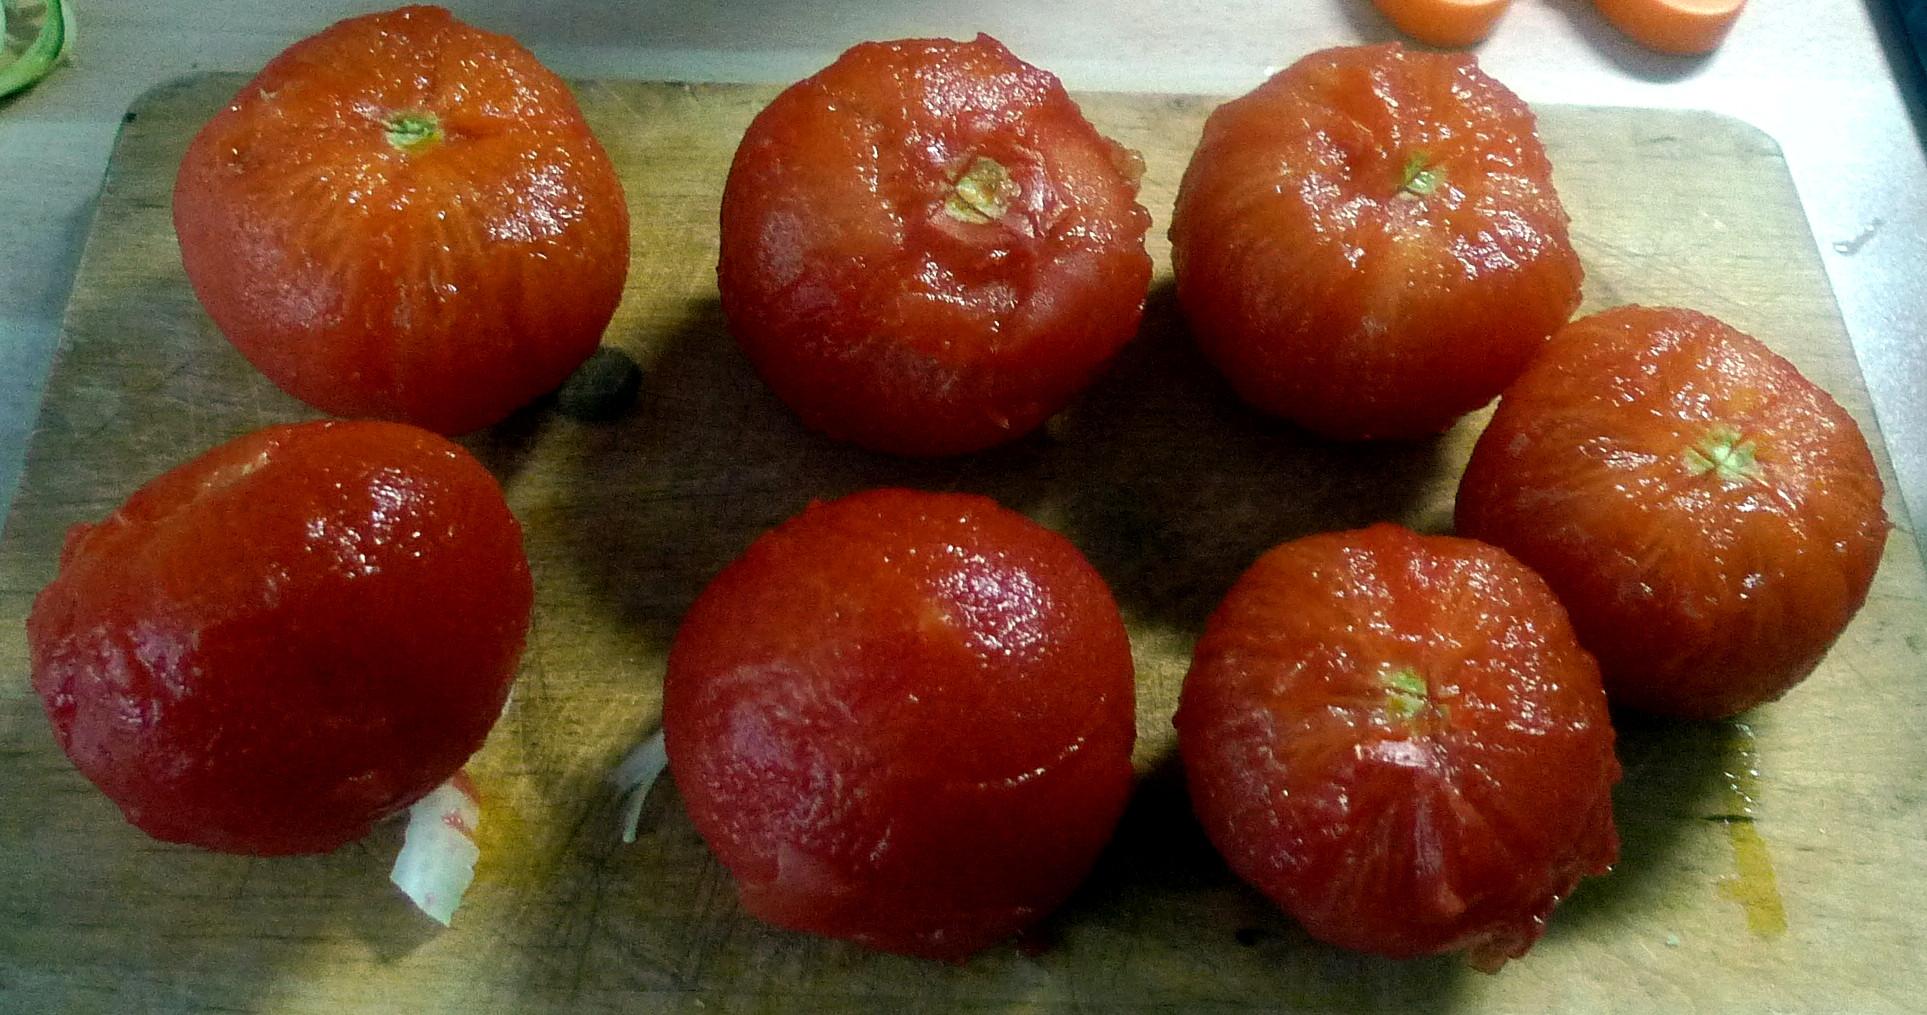 Zucchinispagetthi,Tomatensauce,veganvegetarisch -15.8.15 (4)